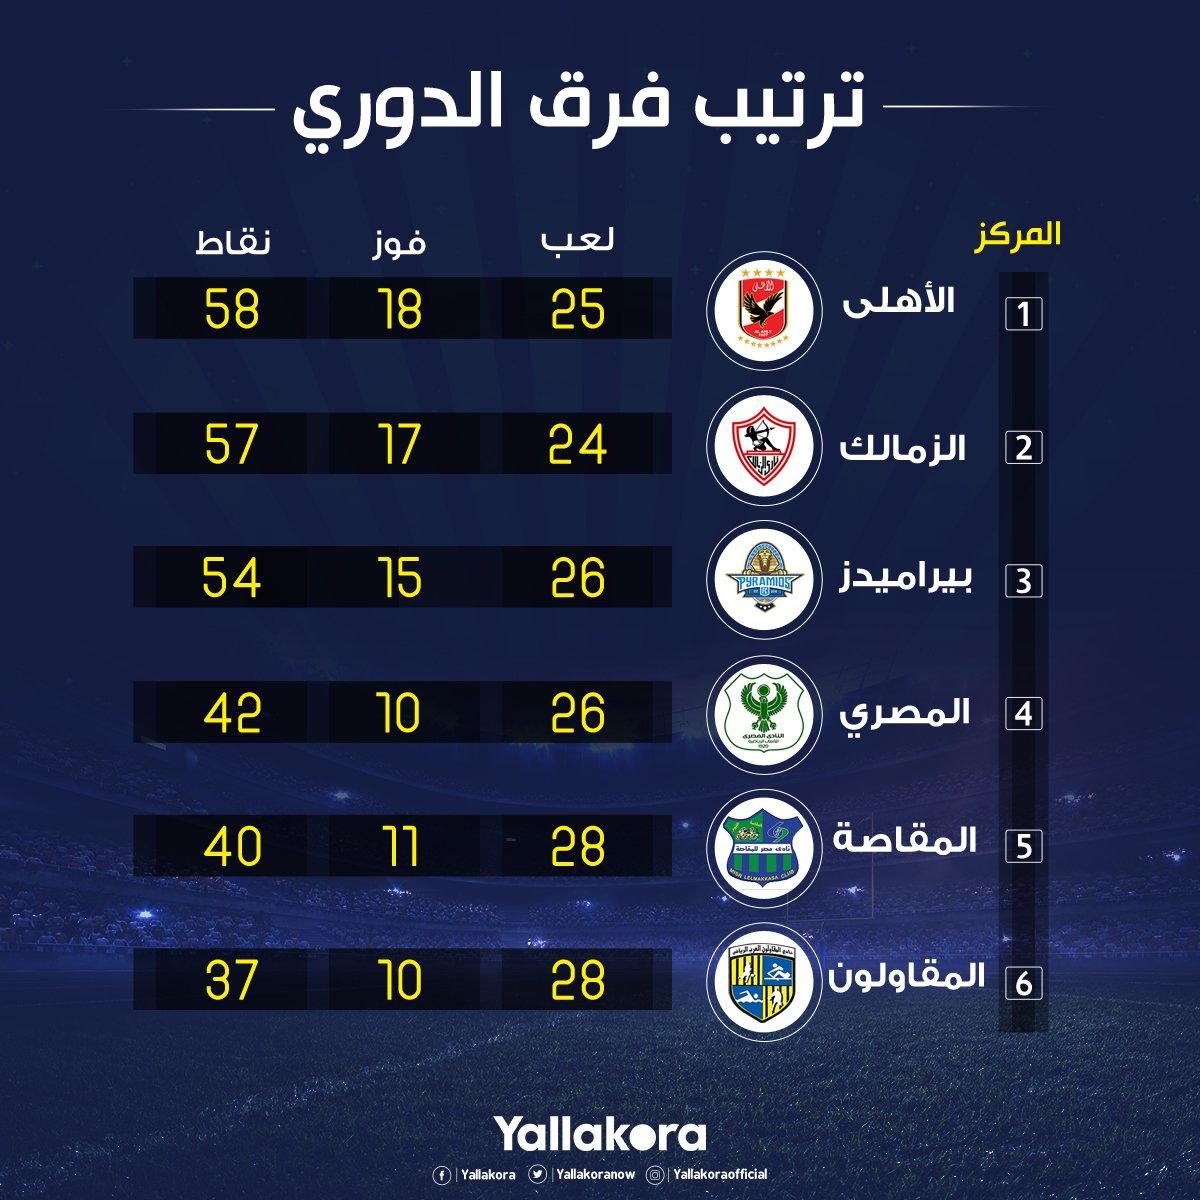 الأهلي يتخطى عقبة مصر المقاصة ويستعيد الثقة قبل لقاء صن داونز في دوري الأبطال 2 10/4/2019 - 10:48 م